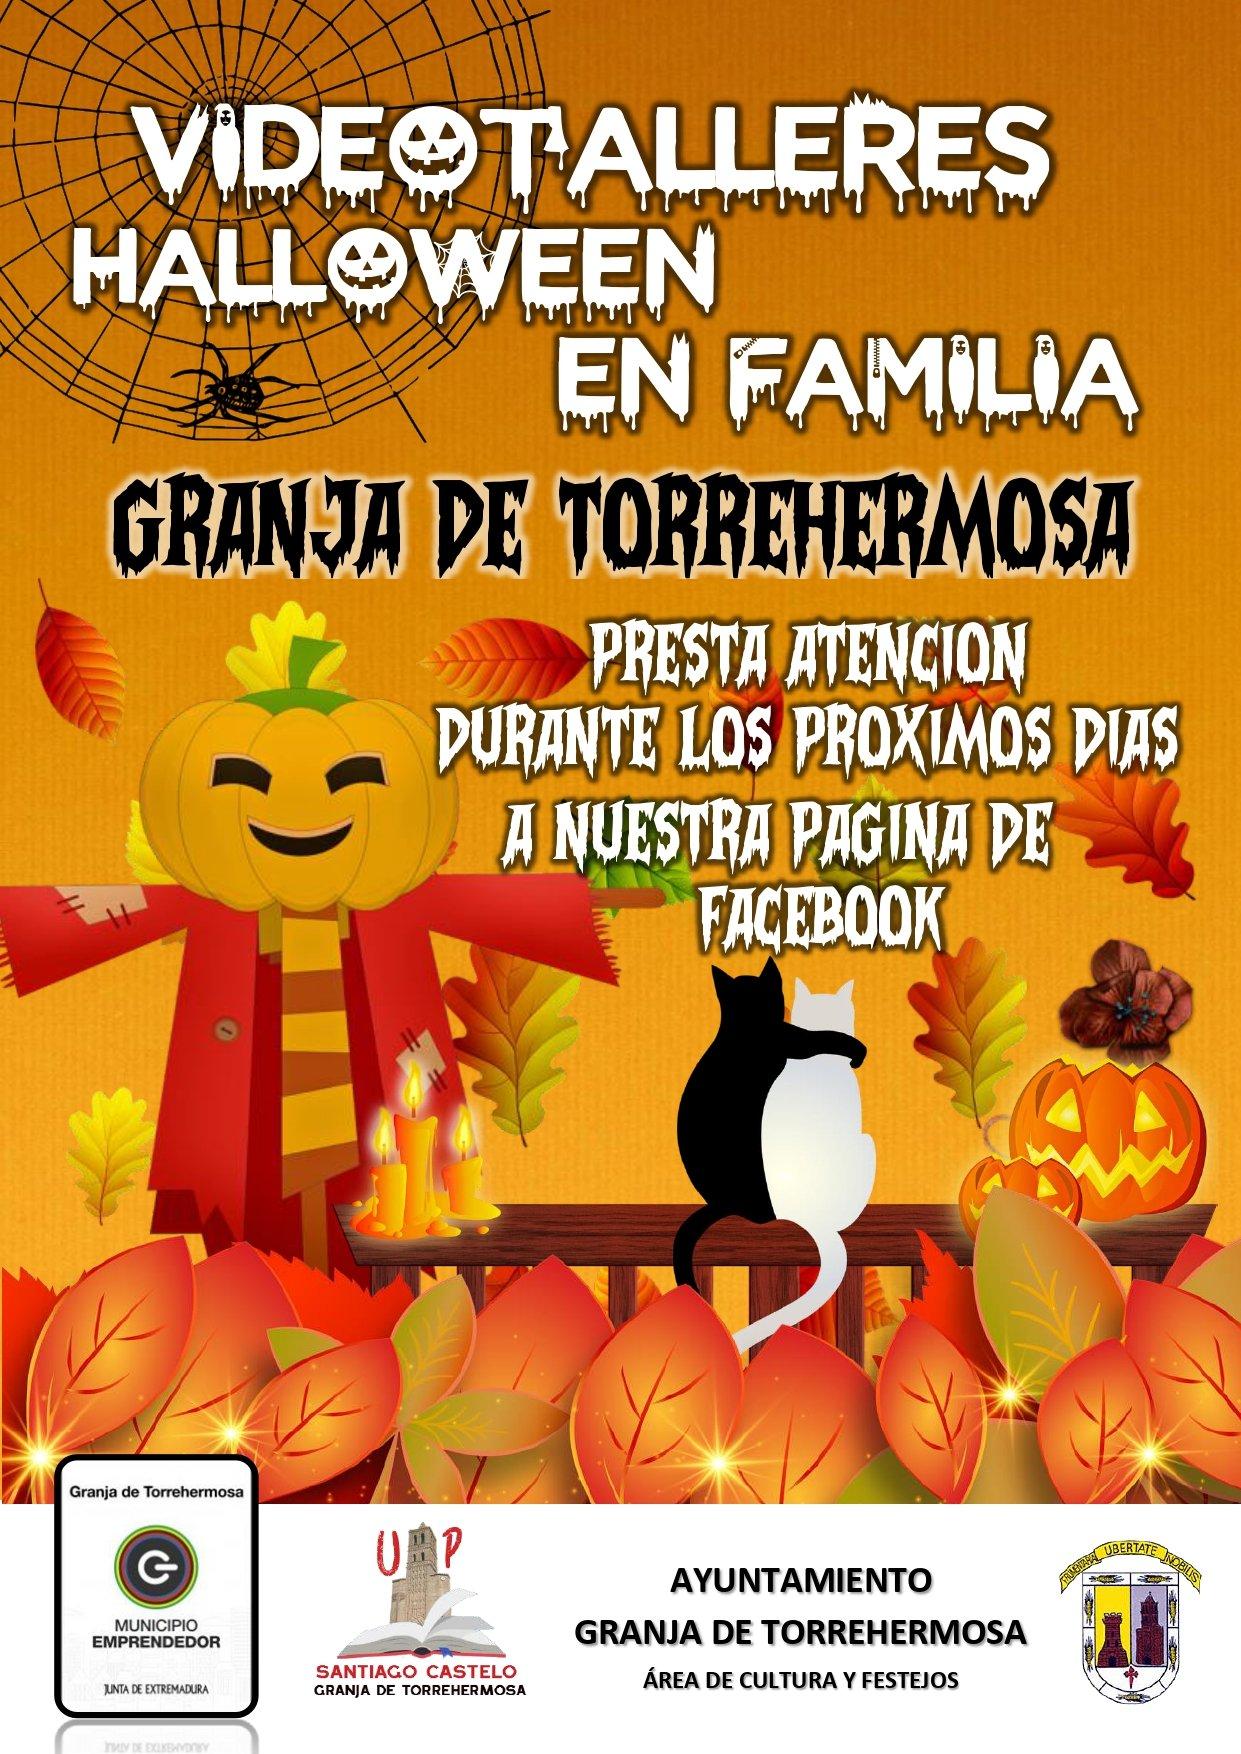 Videotalleres Halloween en familia